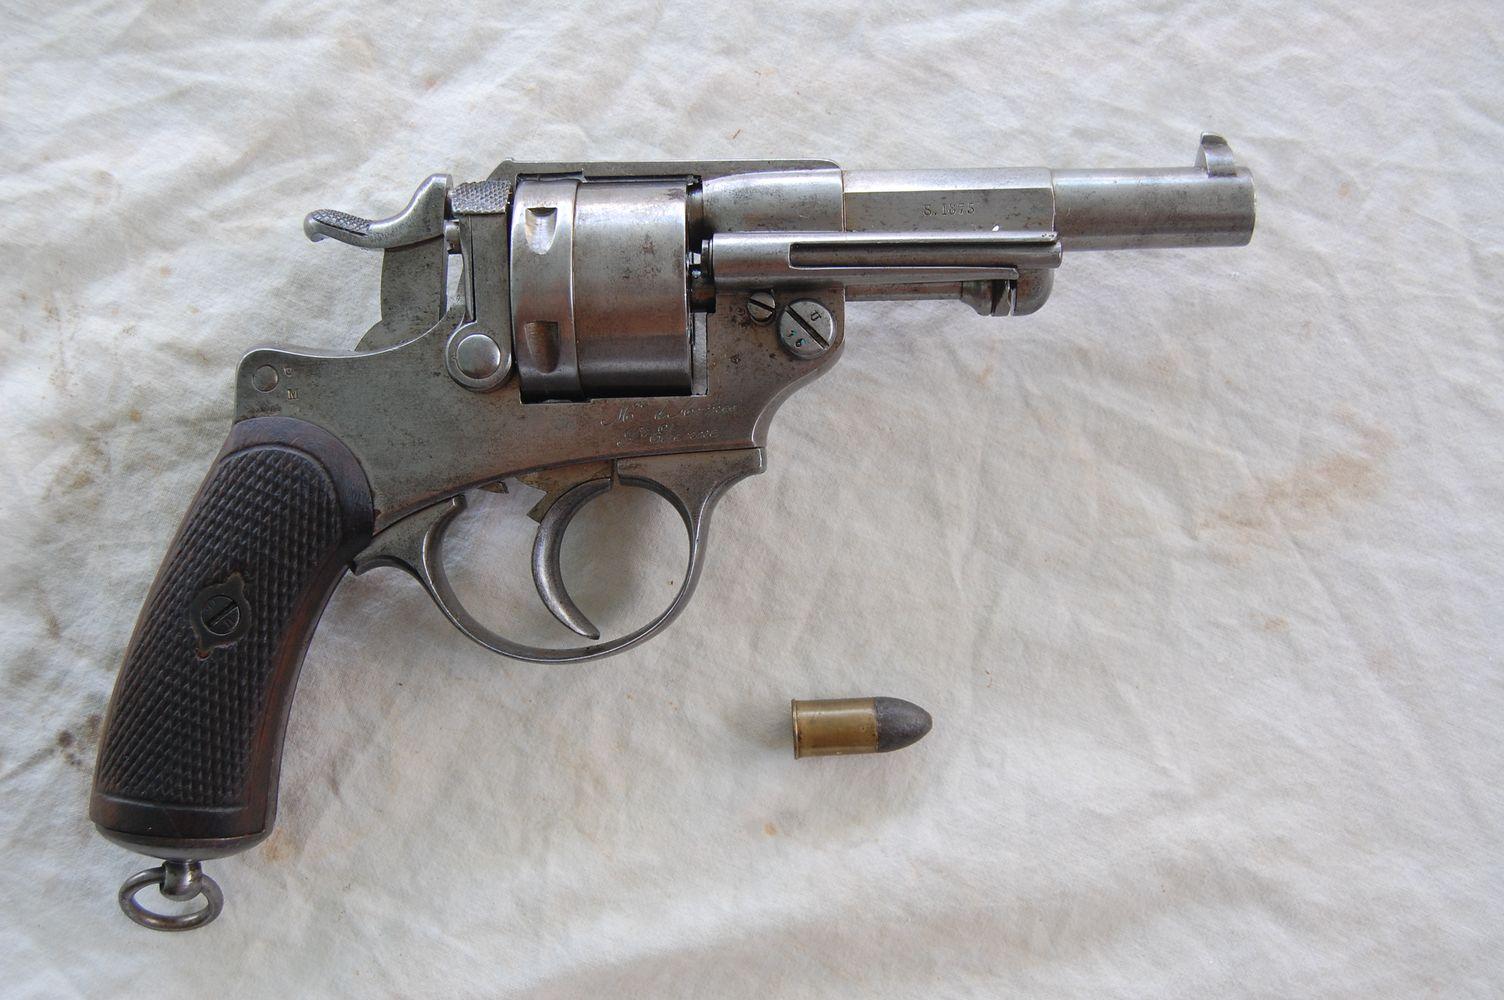 D 1 armes francaises poing - La manufacture saint etienne ...